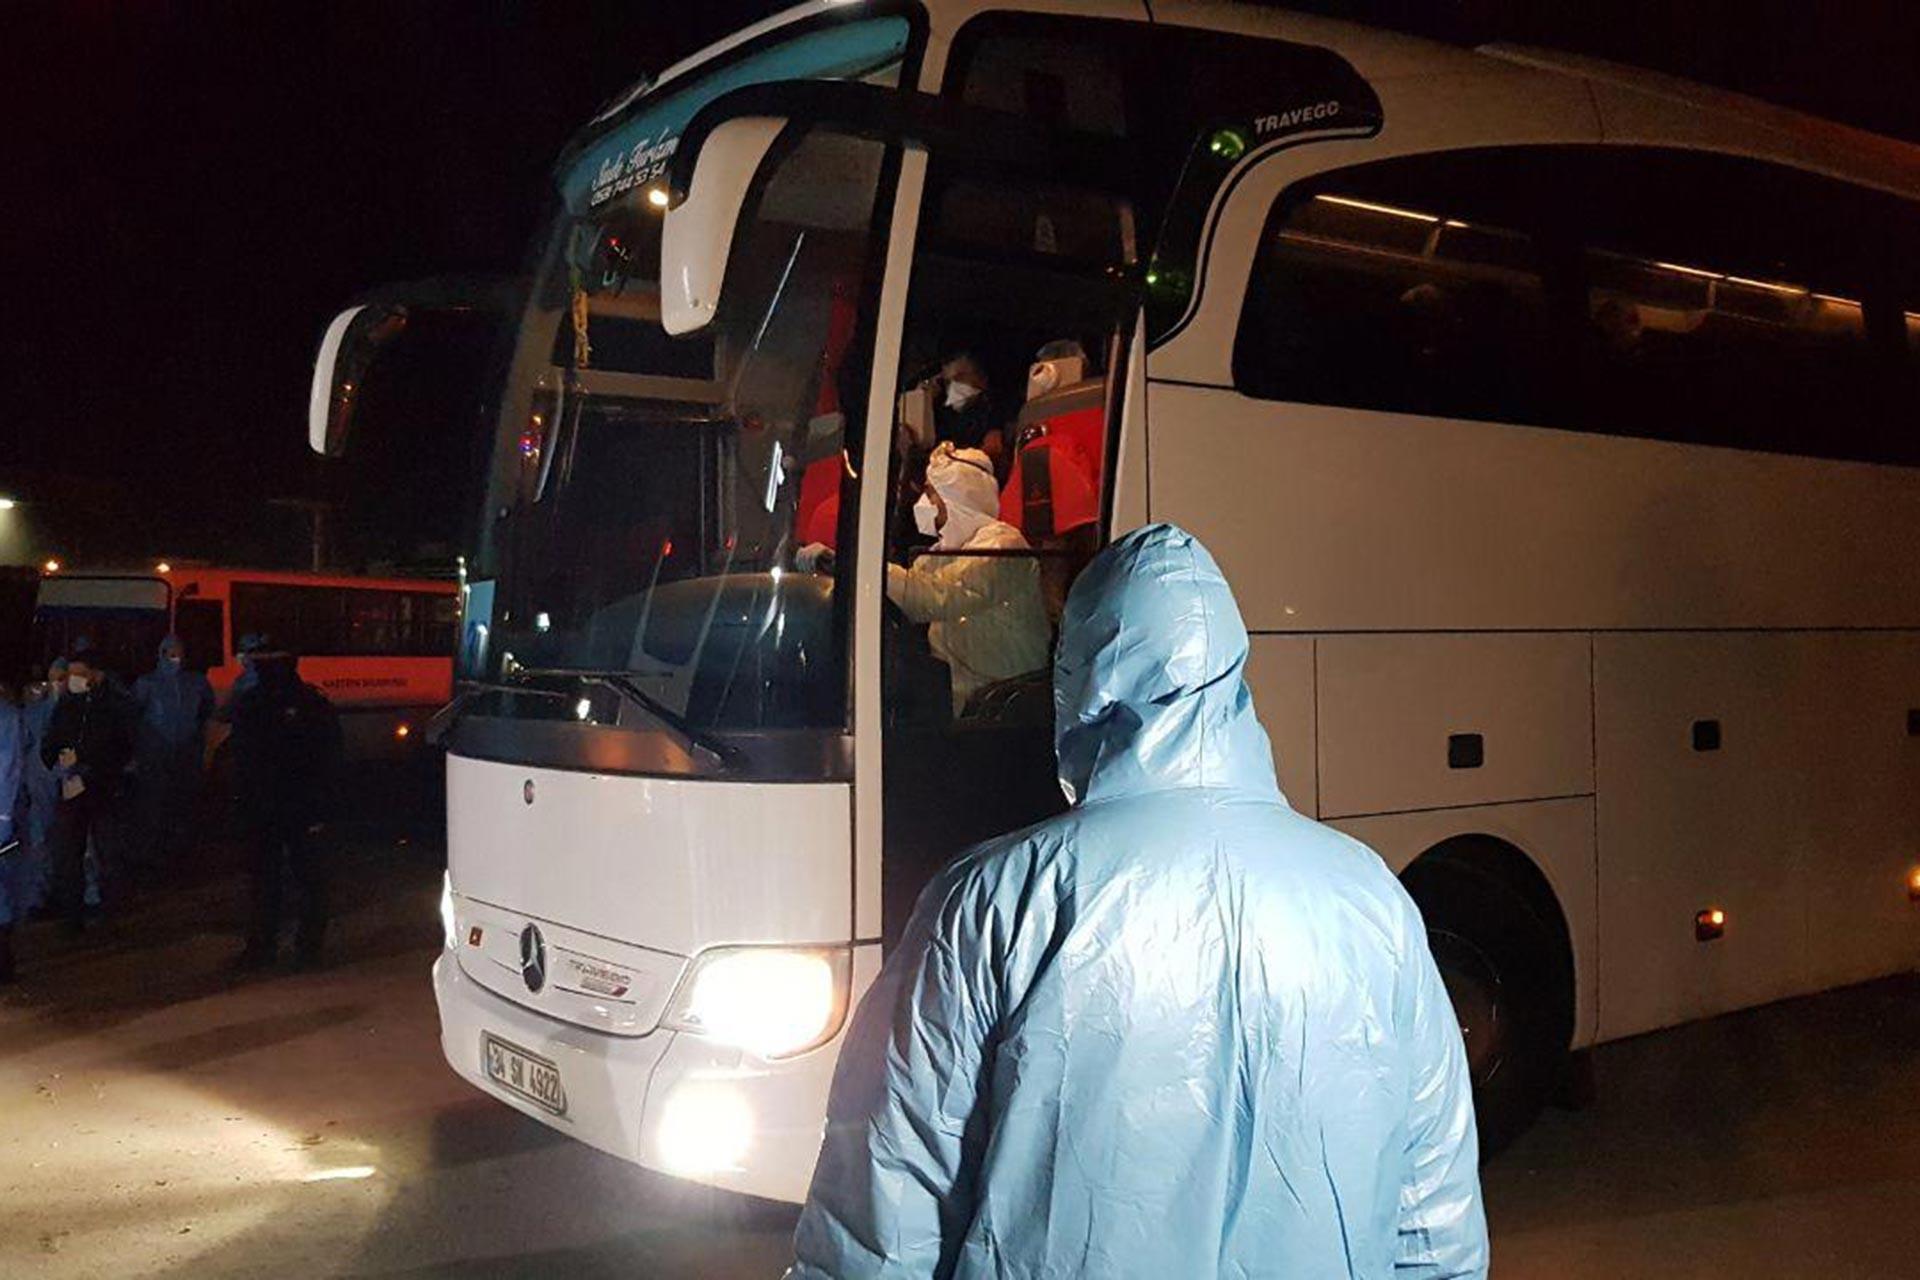 Yurt dışından uçakla İstanbul'a gelen yolcular, Kocaeli'deki KYK'ye bağlı Canfeda Hatun Öğrenci Yurduna yerleştirildi.